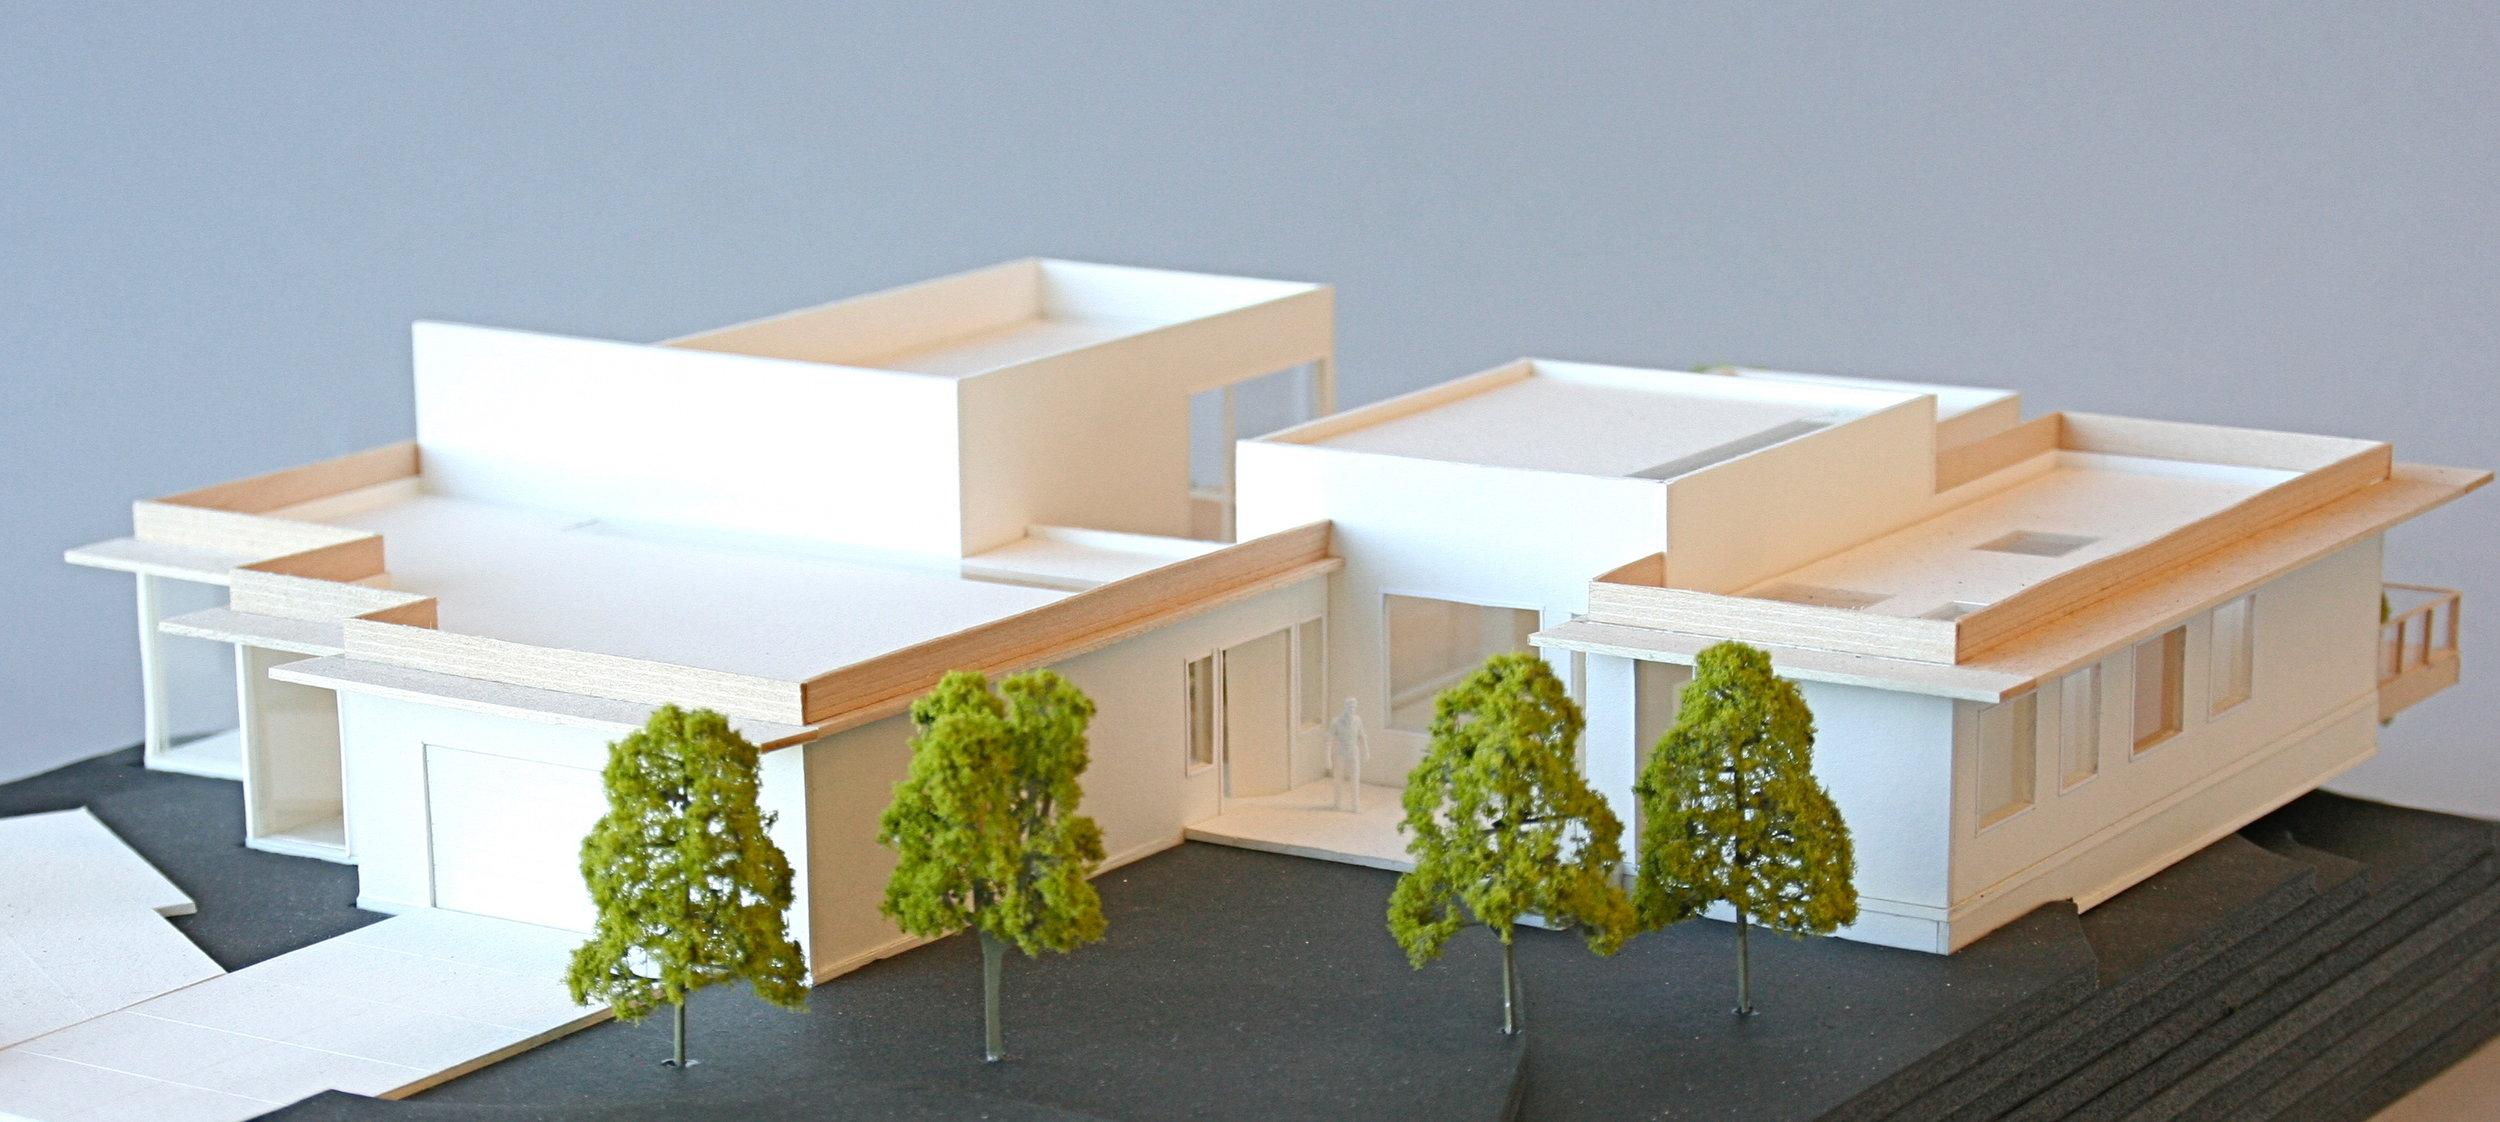 Eco House - 11.jpg